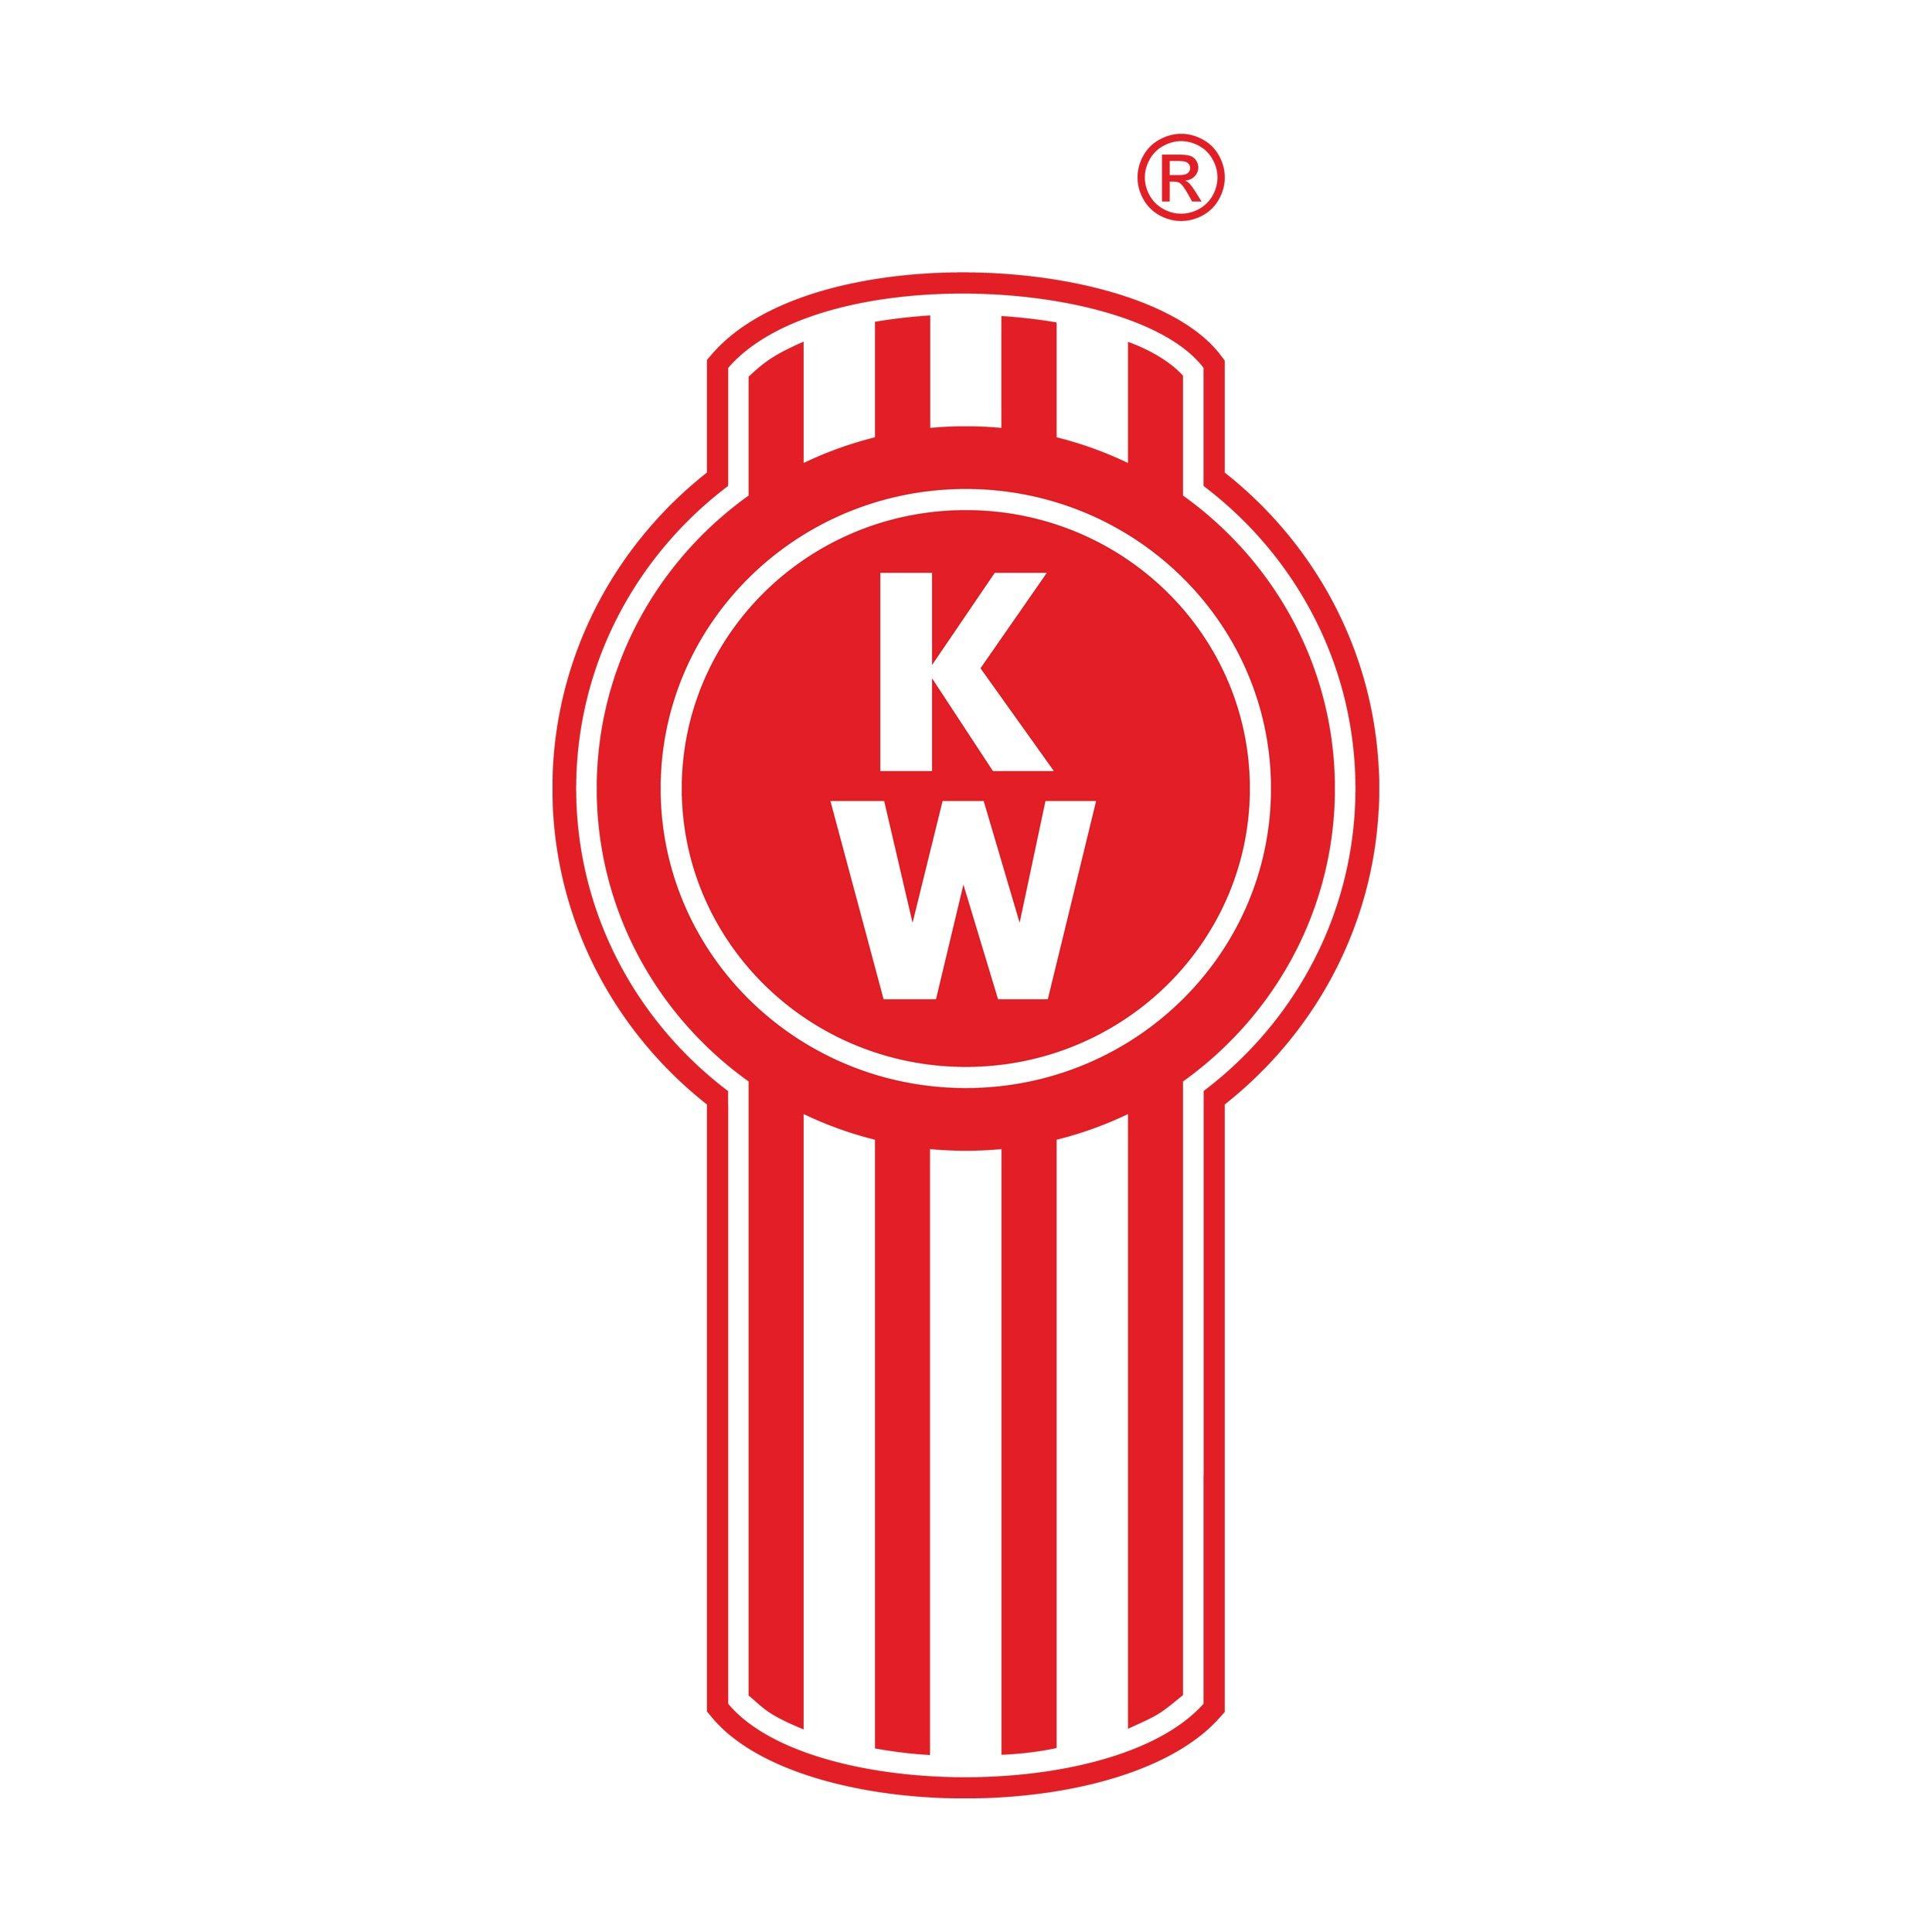 Kenworth del Bajio